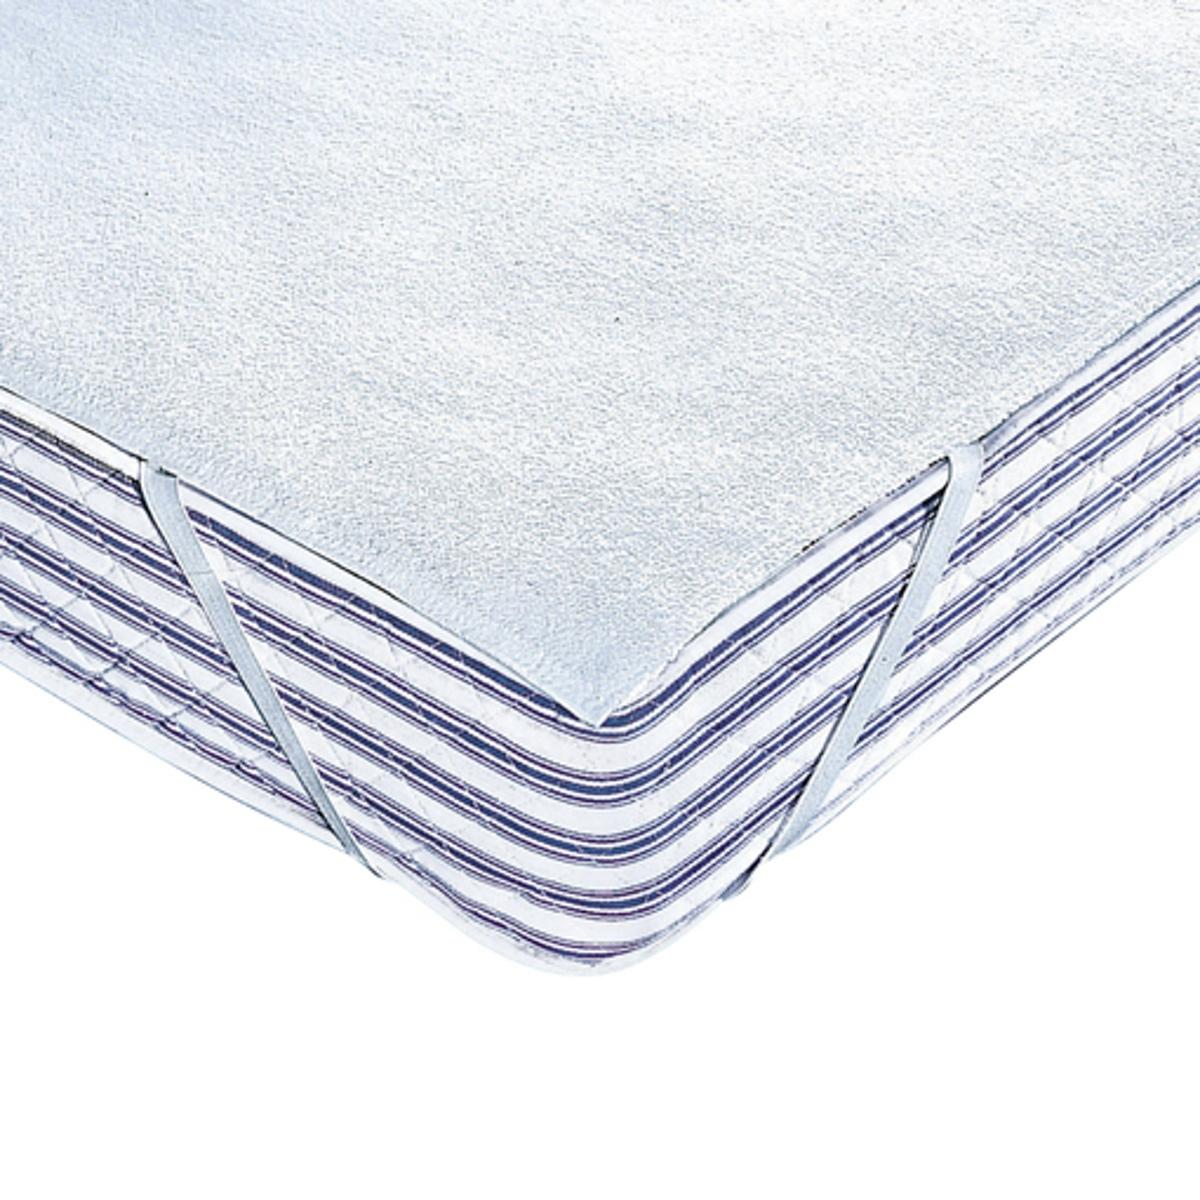 Чехол защитный для матраса махровой ткани 250 г/м? с непромокаемым полиуретановым покрытиемОчень мягкий и удобный защитный чехол для матраса отводит влагу от тела, сохраняя полную непромокаемость. Более мягкий и удобный, чем ПВХ.Защитный чехол из махровой ткани с завитым ворсом 250 г/м? с покрытием из полиуретана: непромоакемый, микро-дышащий, регулирует потовыделение, антибактериальная обработка.Биоцидная обработка 4 угла на резинках.Стирка при температуре до 60°.100% экологически чистый материал.Качество VALEUR S?RE.<br><br>Цвет: белый